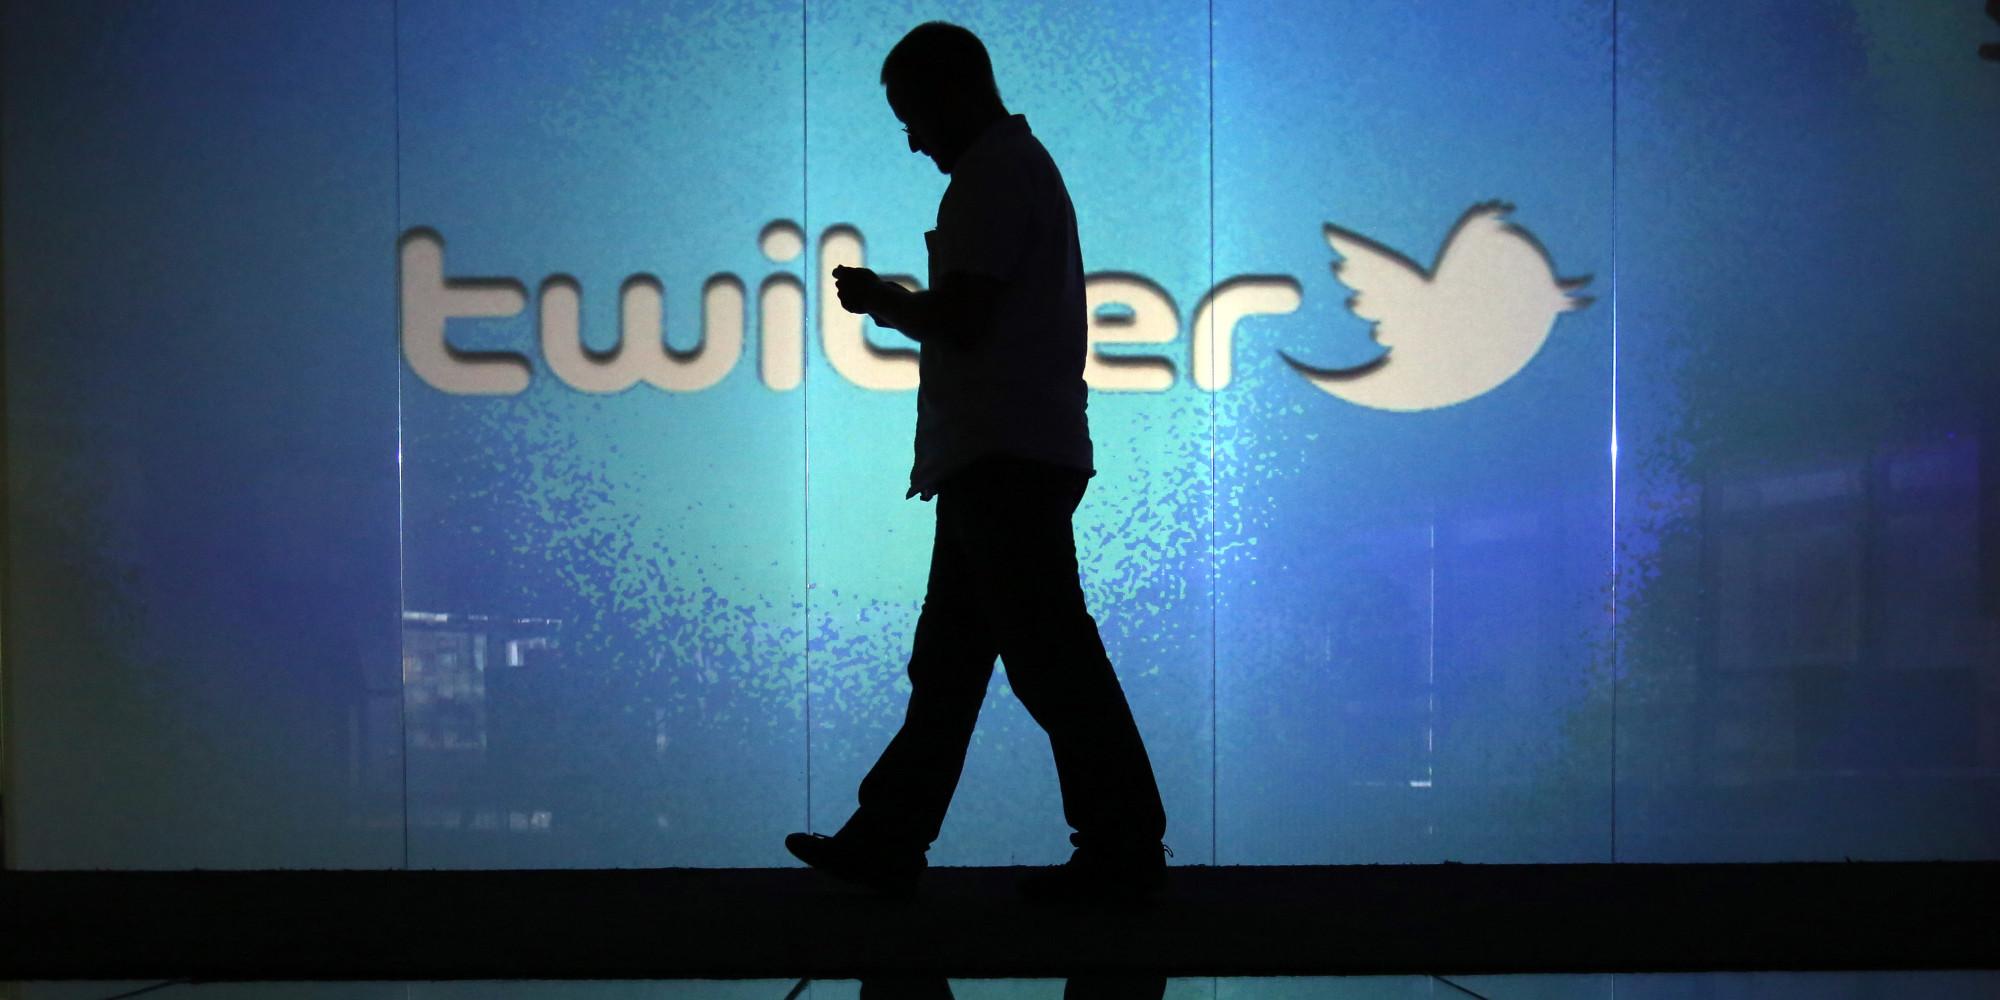 موقع التغريدات